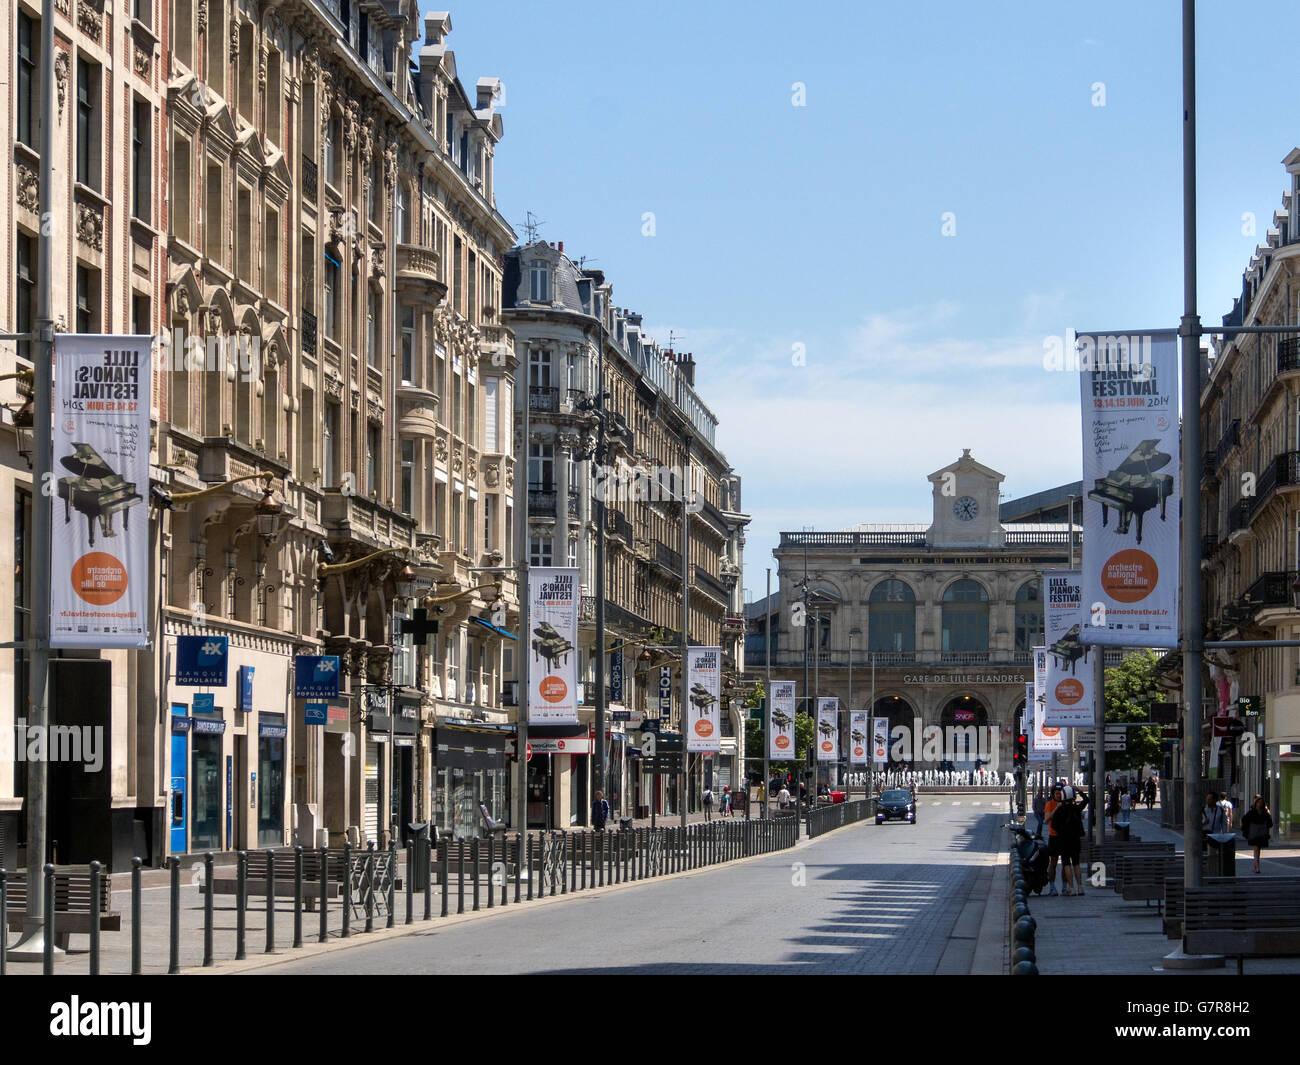 A lo largo de la calle Rue Faidherbe hacia la Gare de Lille Flandres Railway Station Imagen De Stock